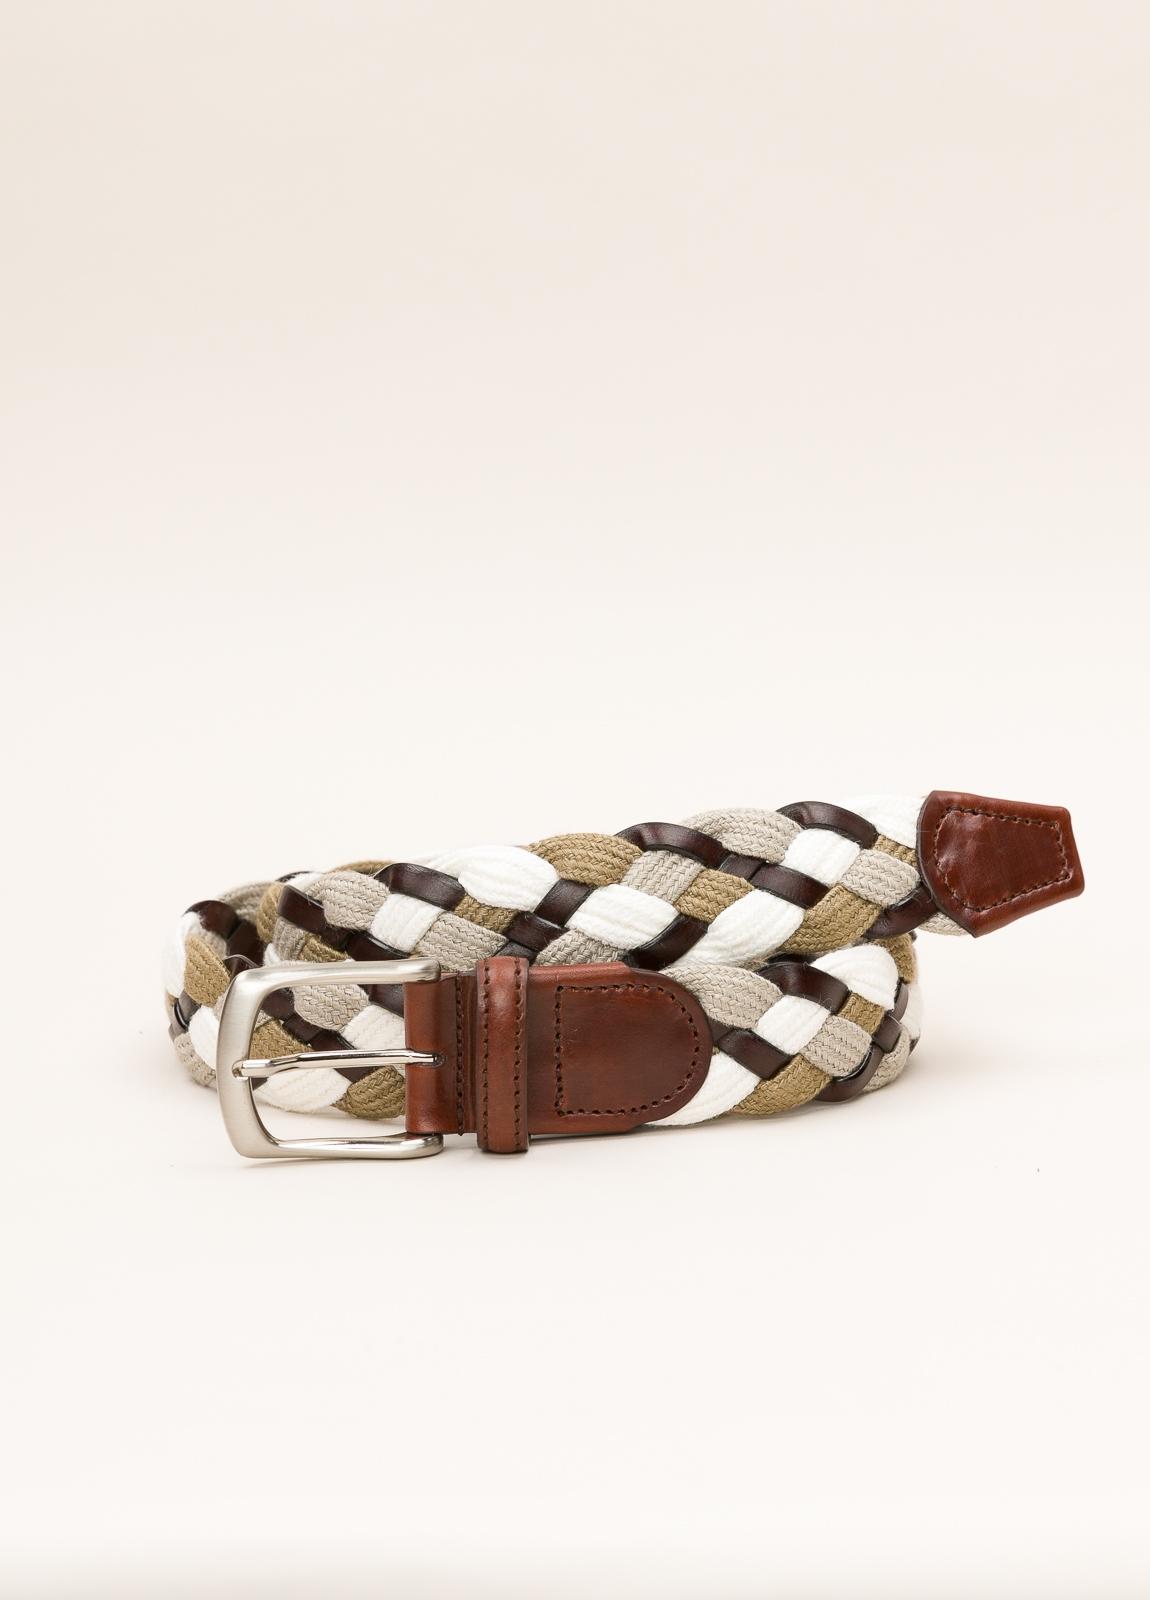 Cinturón Sport FUREST COLECCIÓN trenzado beige